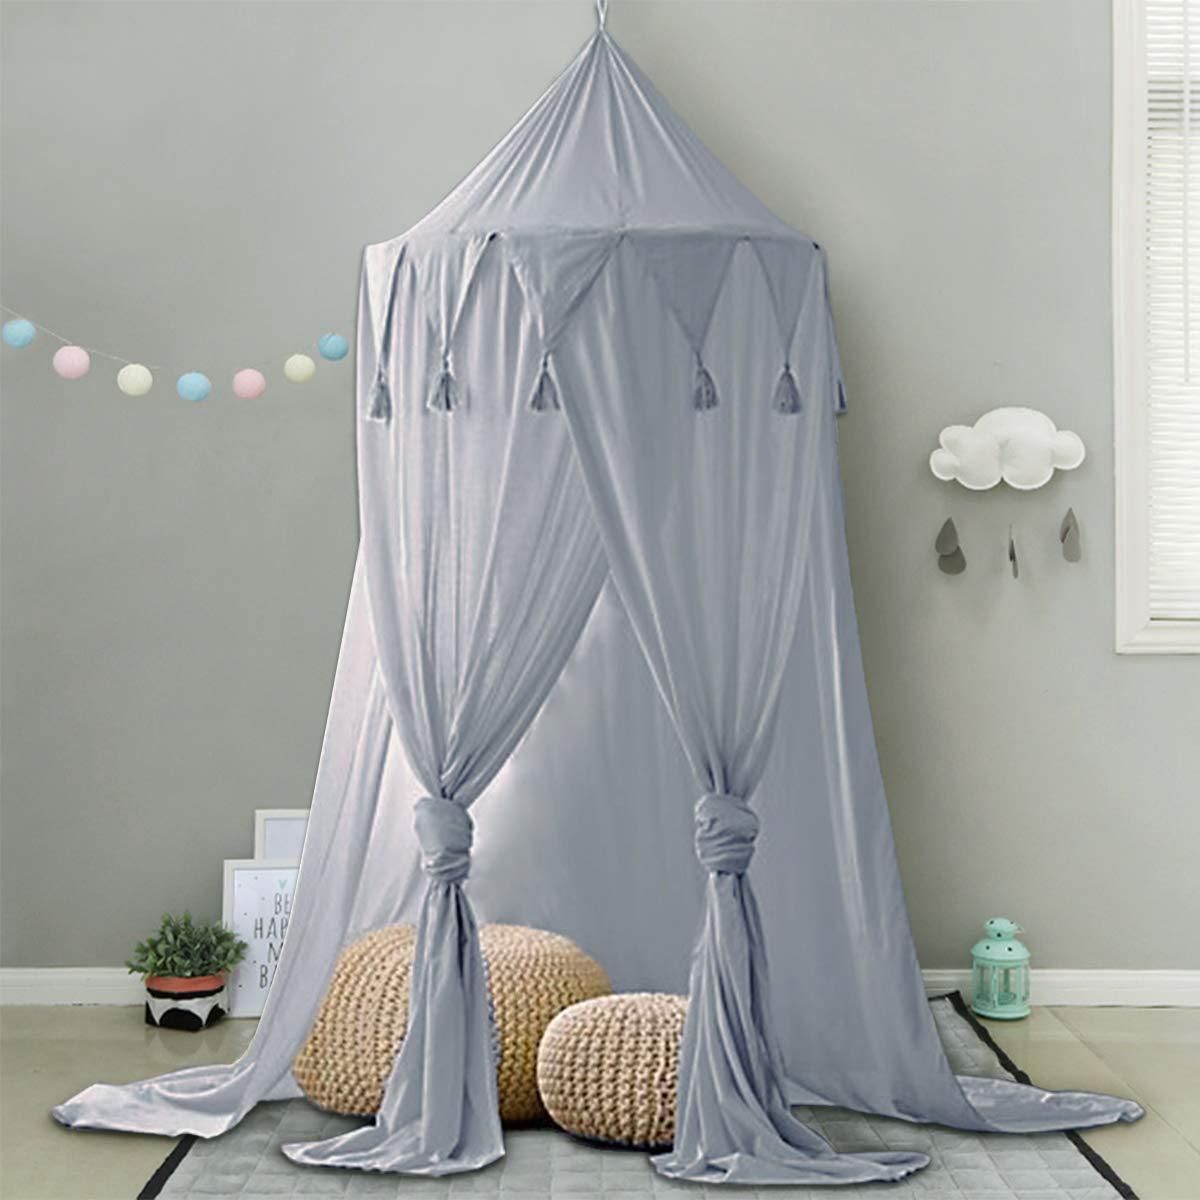 Minetom, baldacchino per lettino di bambini in chiffon alto 240 cm ...